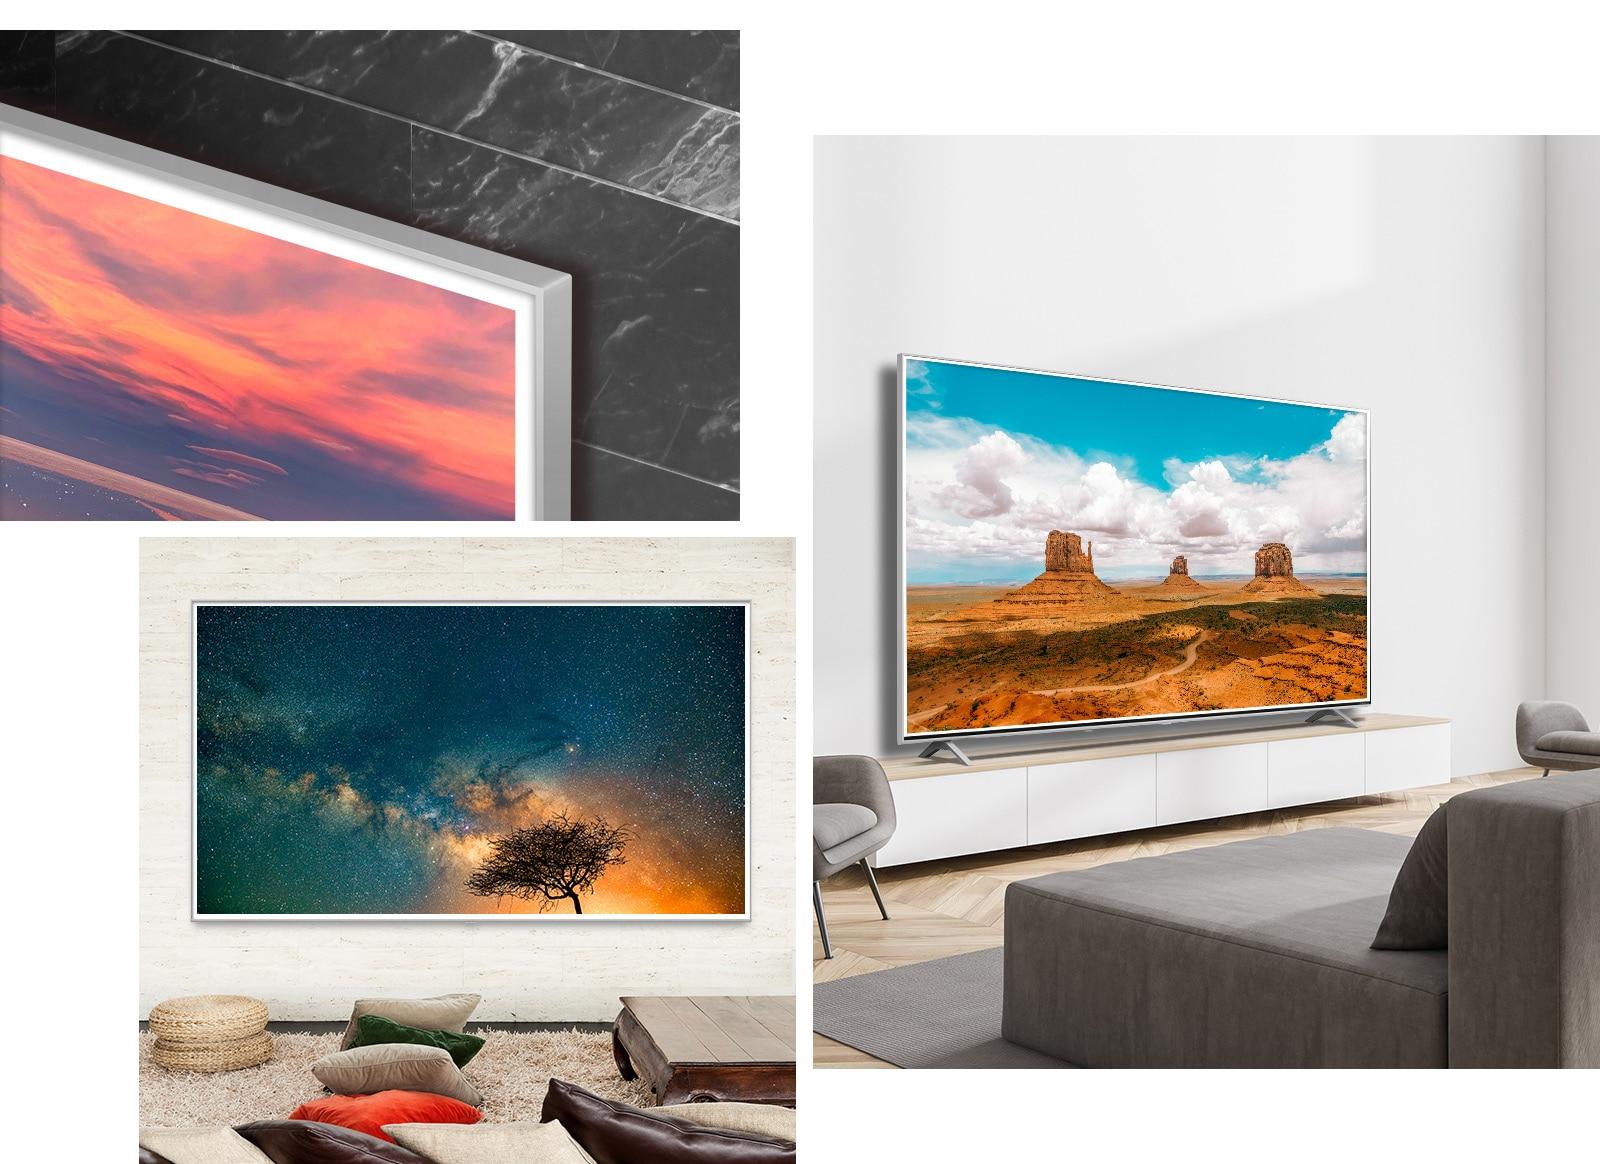 Ba hình ảnh TV LG QNED Mini LED treo tường có đường viền khung hình Misty Grey trong nội thất hiện đại.